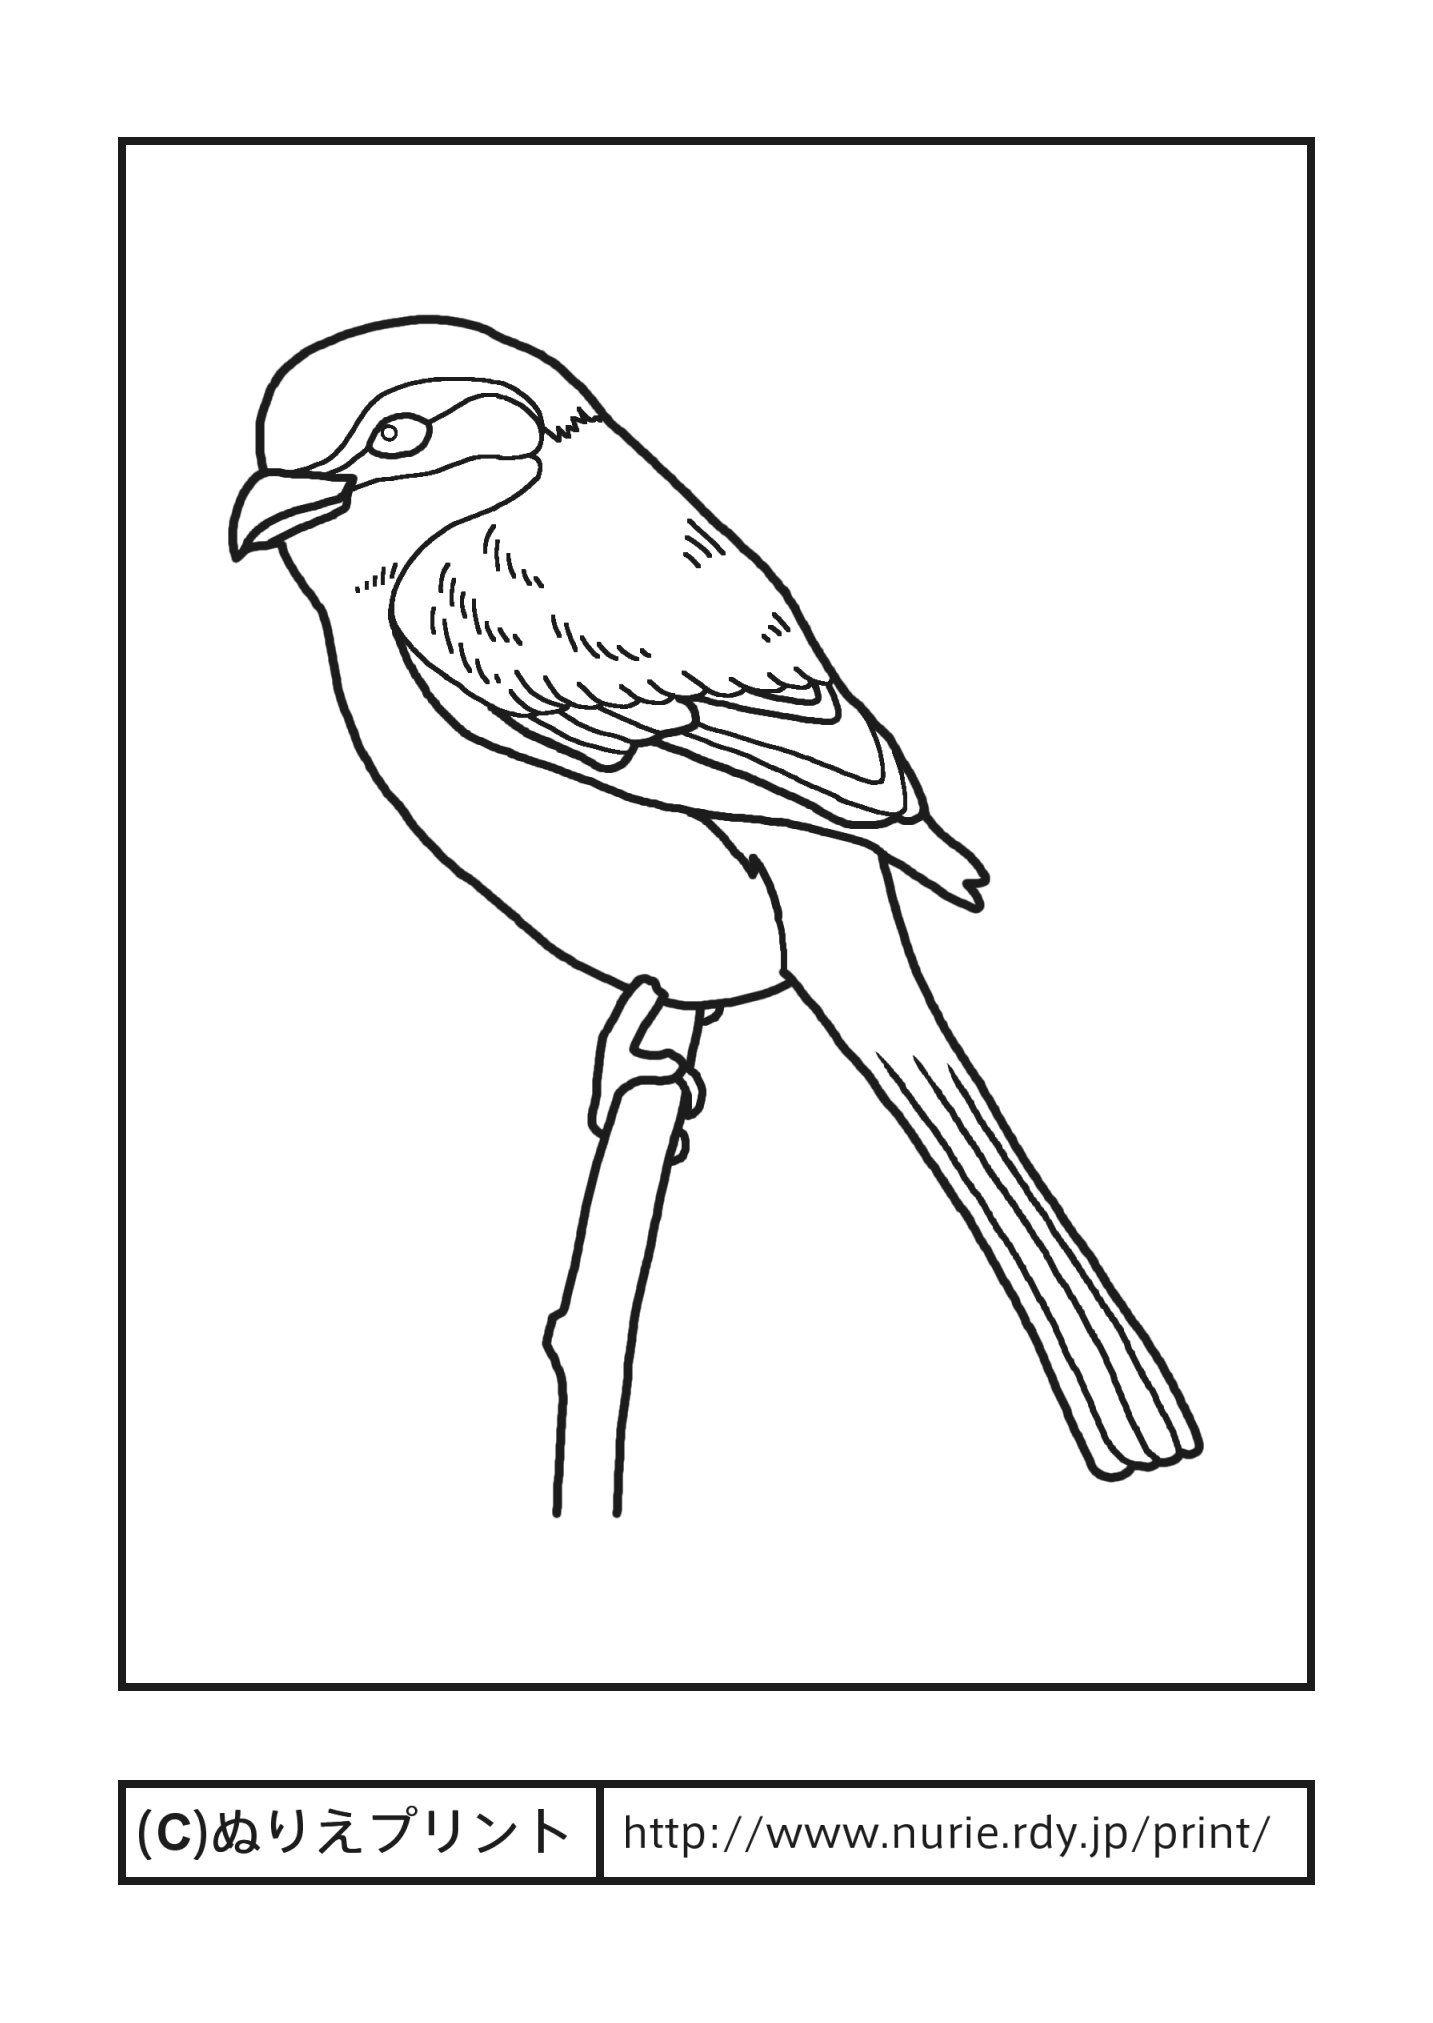 モズ百舌主線黒大阪府の鳥無料塗り絵都道府県ぬりえプリント